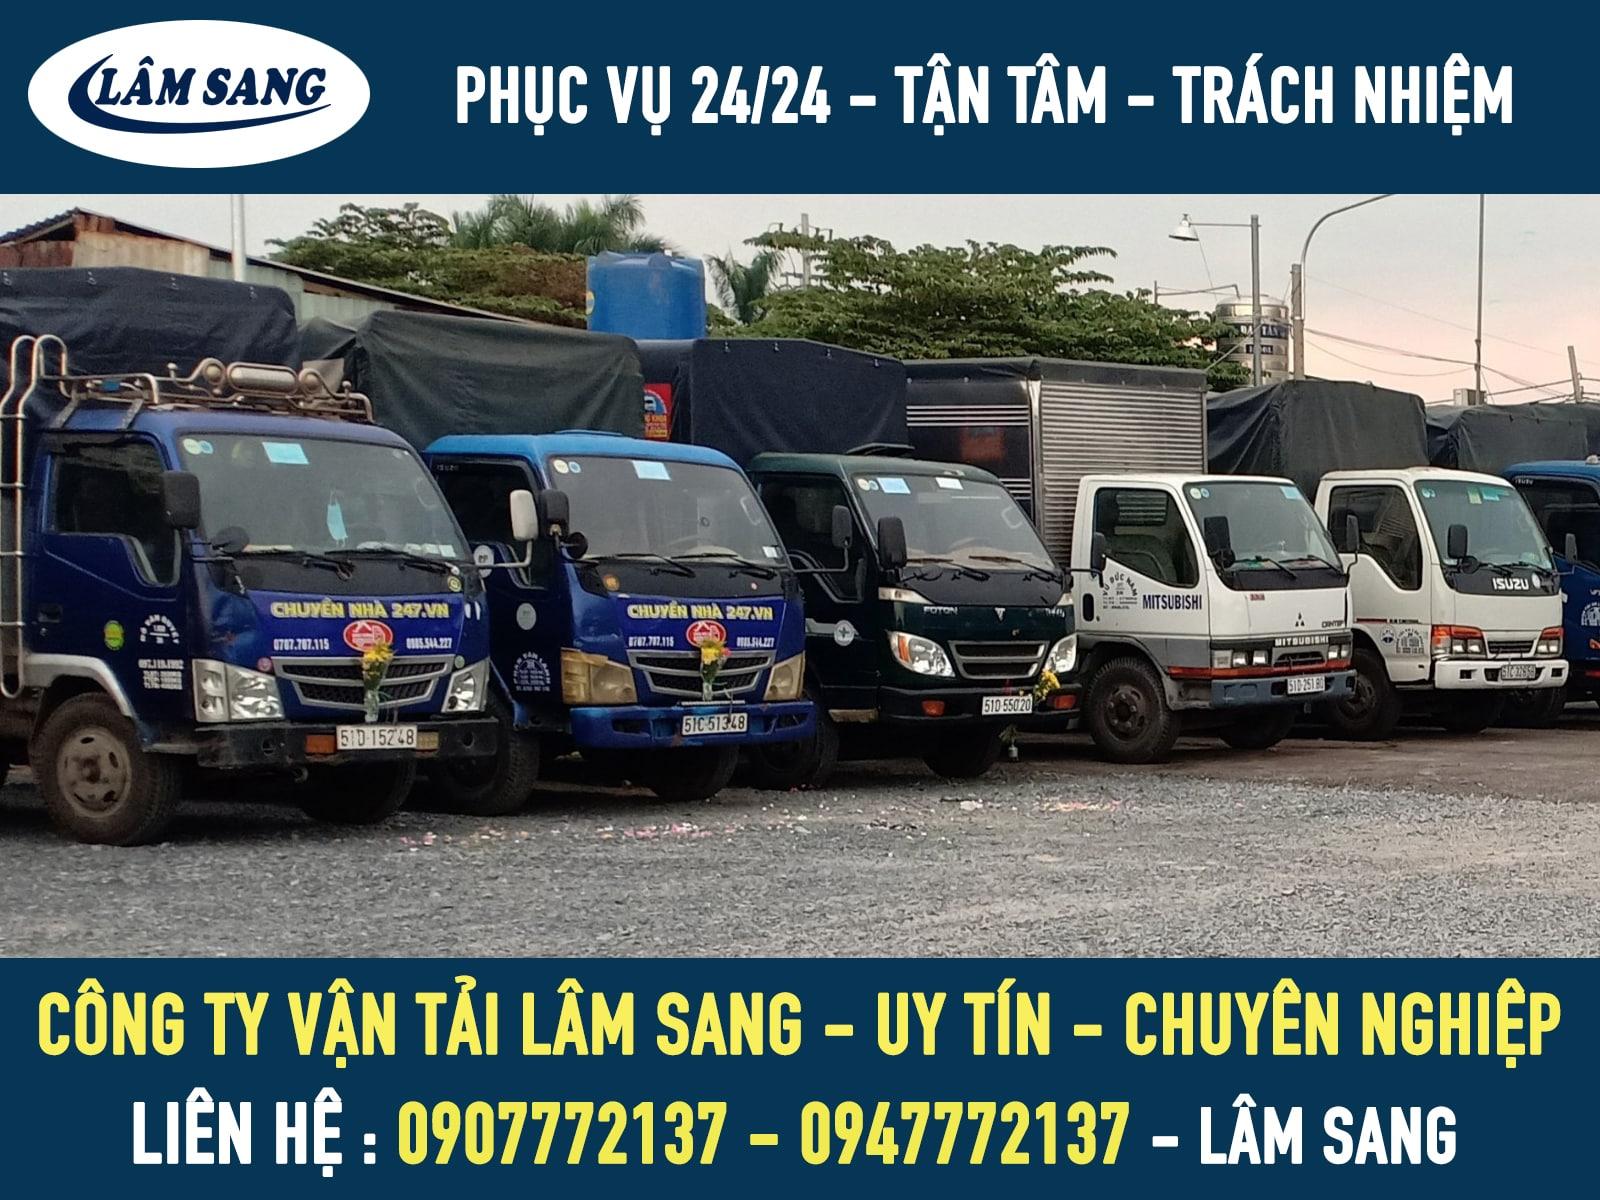 Cty vận tải chở hàng Lâm Sang